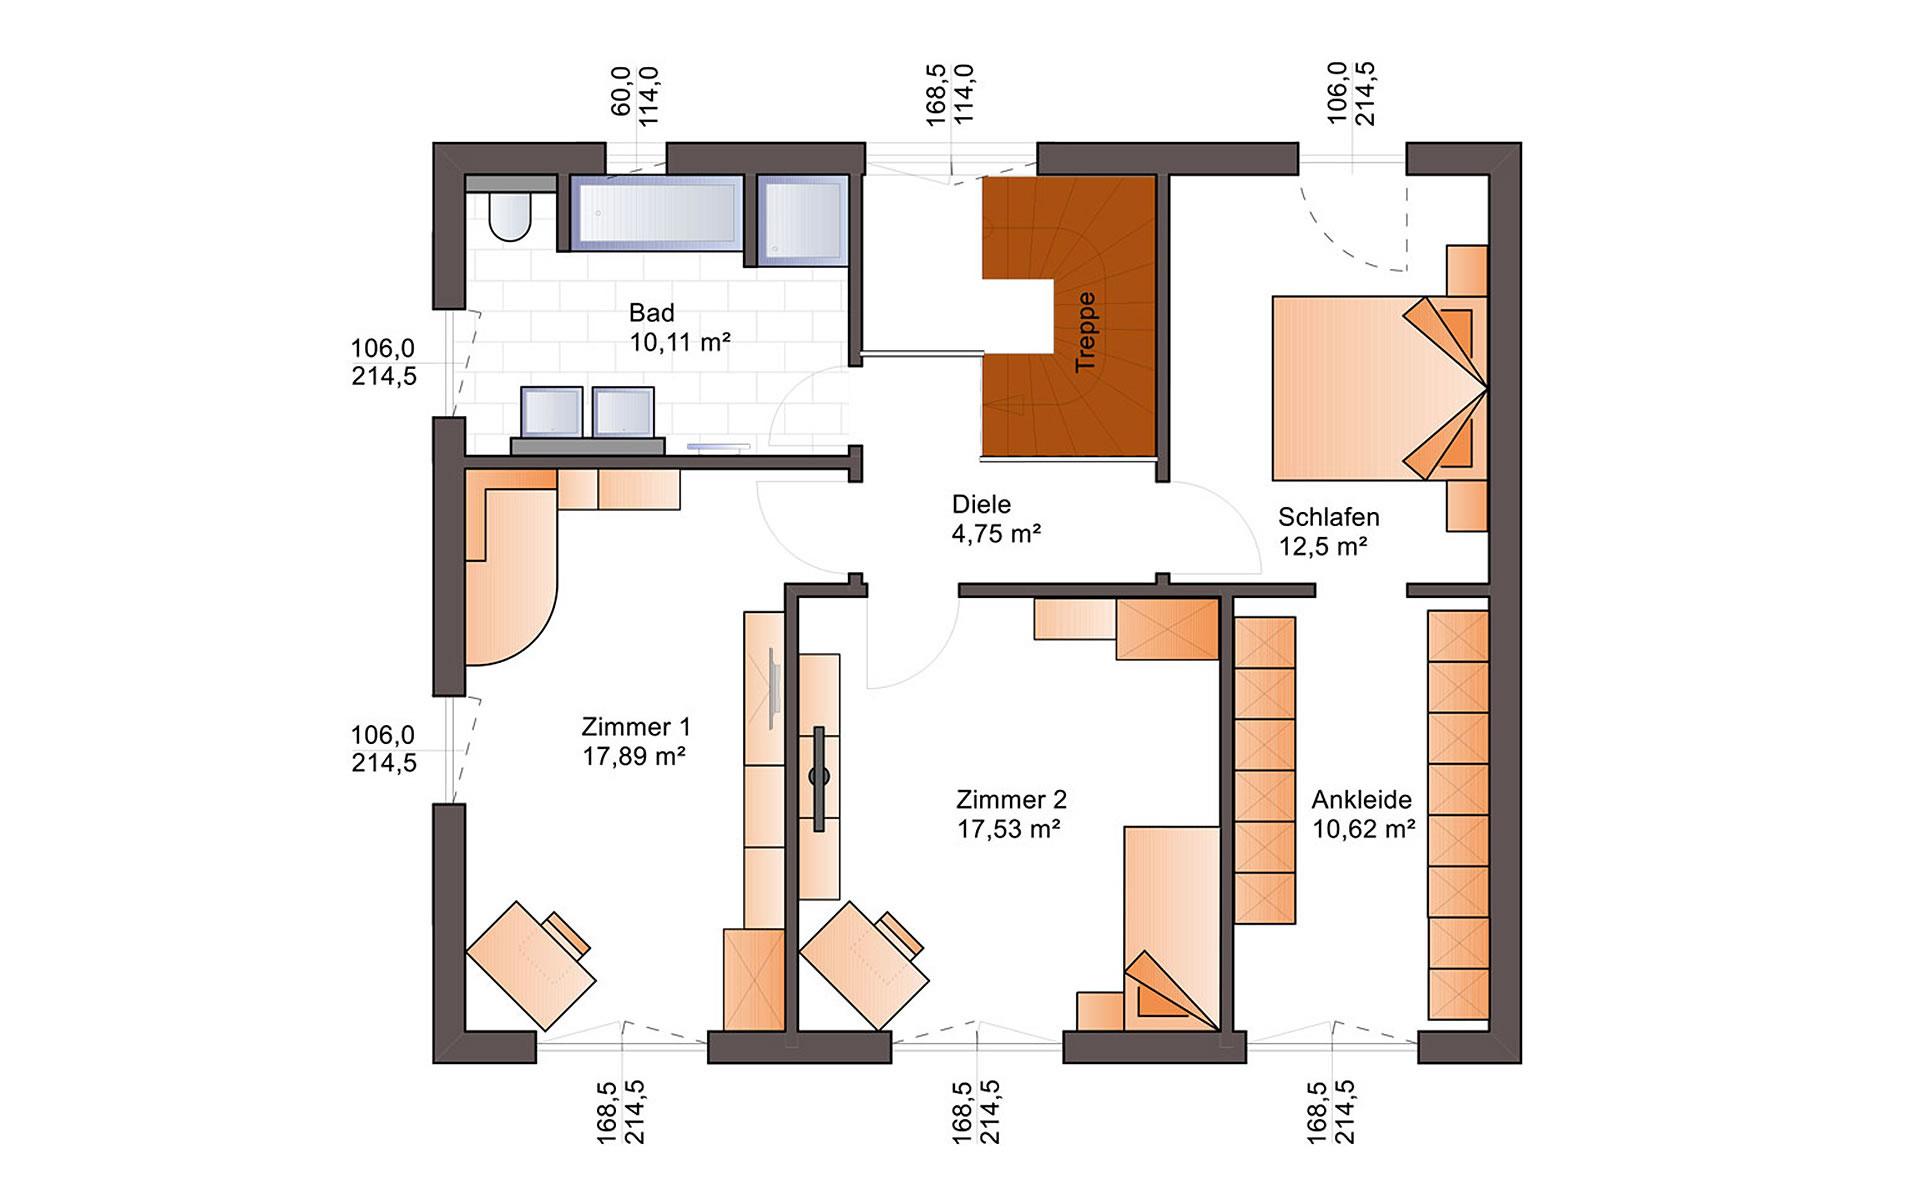 Obergeschoss Eos 154 von Bärenhaus - das fertige Haus GmbH